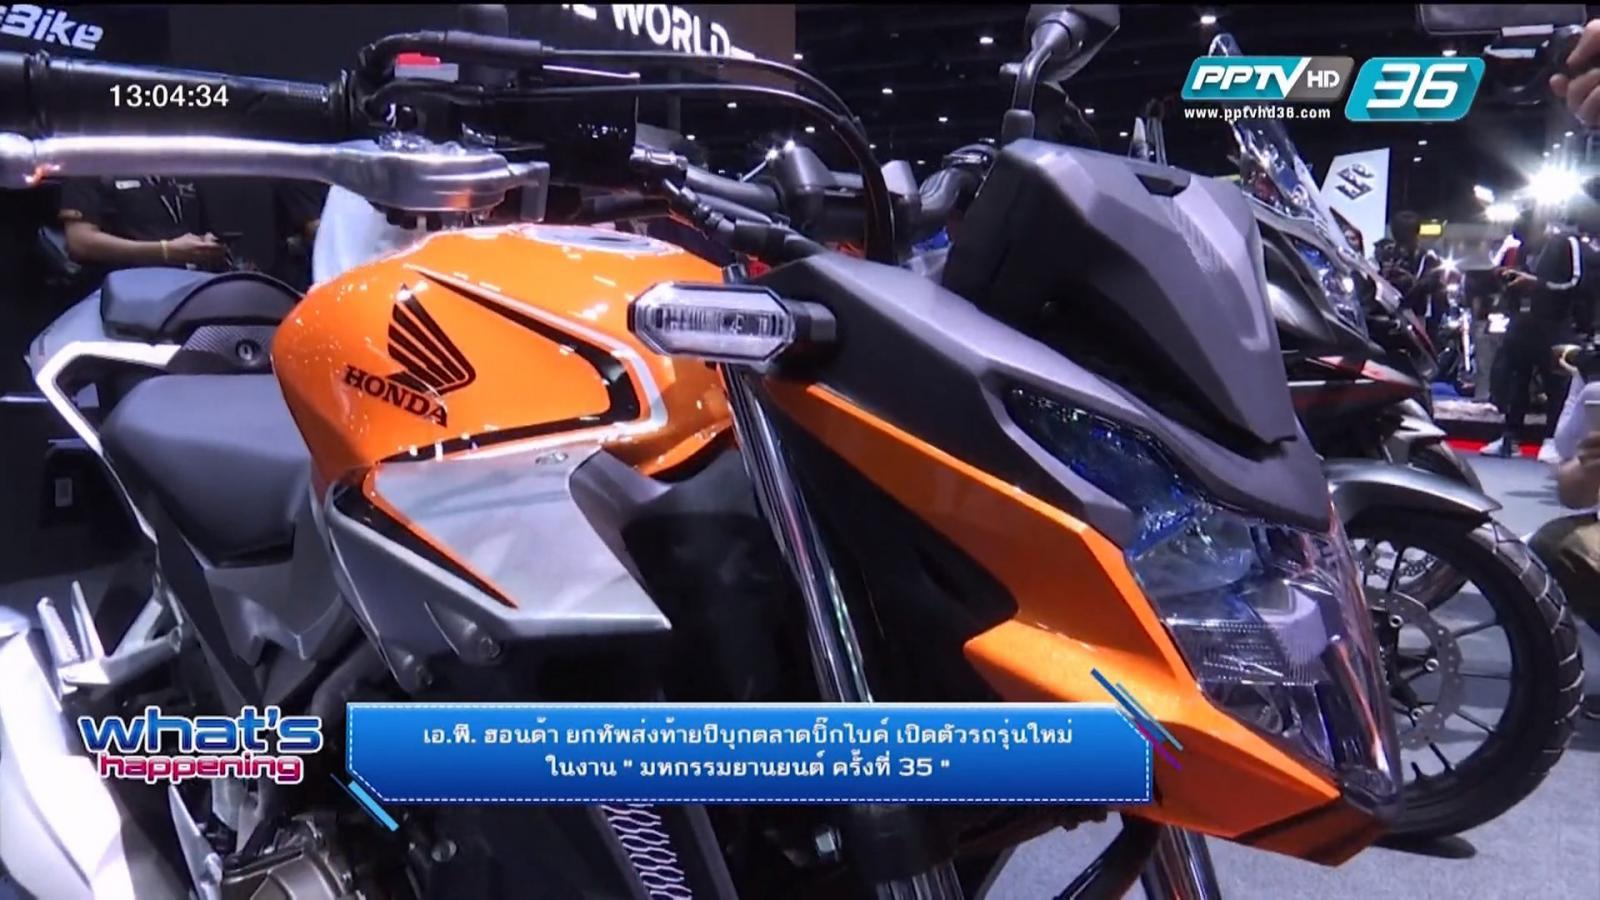 เอ.พี. ฮอนด้า ผู้จัดจำหน่ายรถจักรยานยนต์ฮอนด้าในประเทศไทย บุกตลาดบิ๊กไบค์ช่วงปลายปี